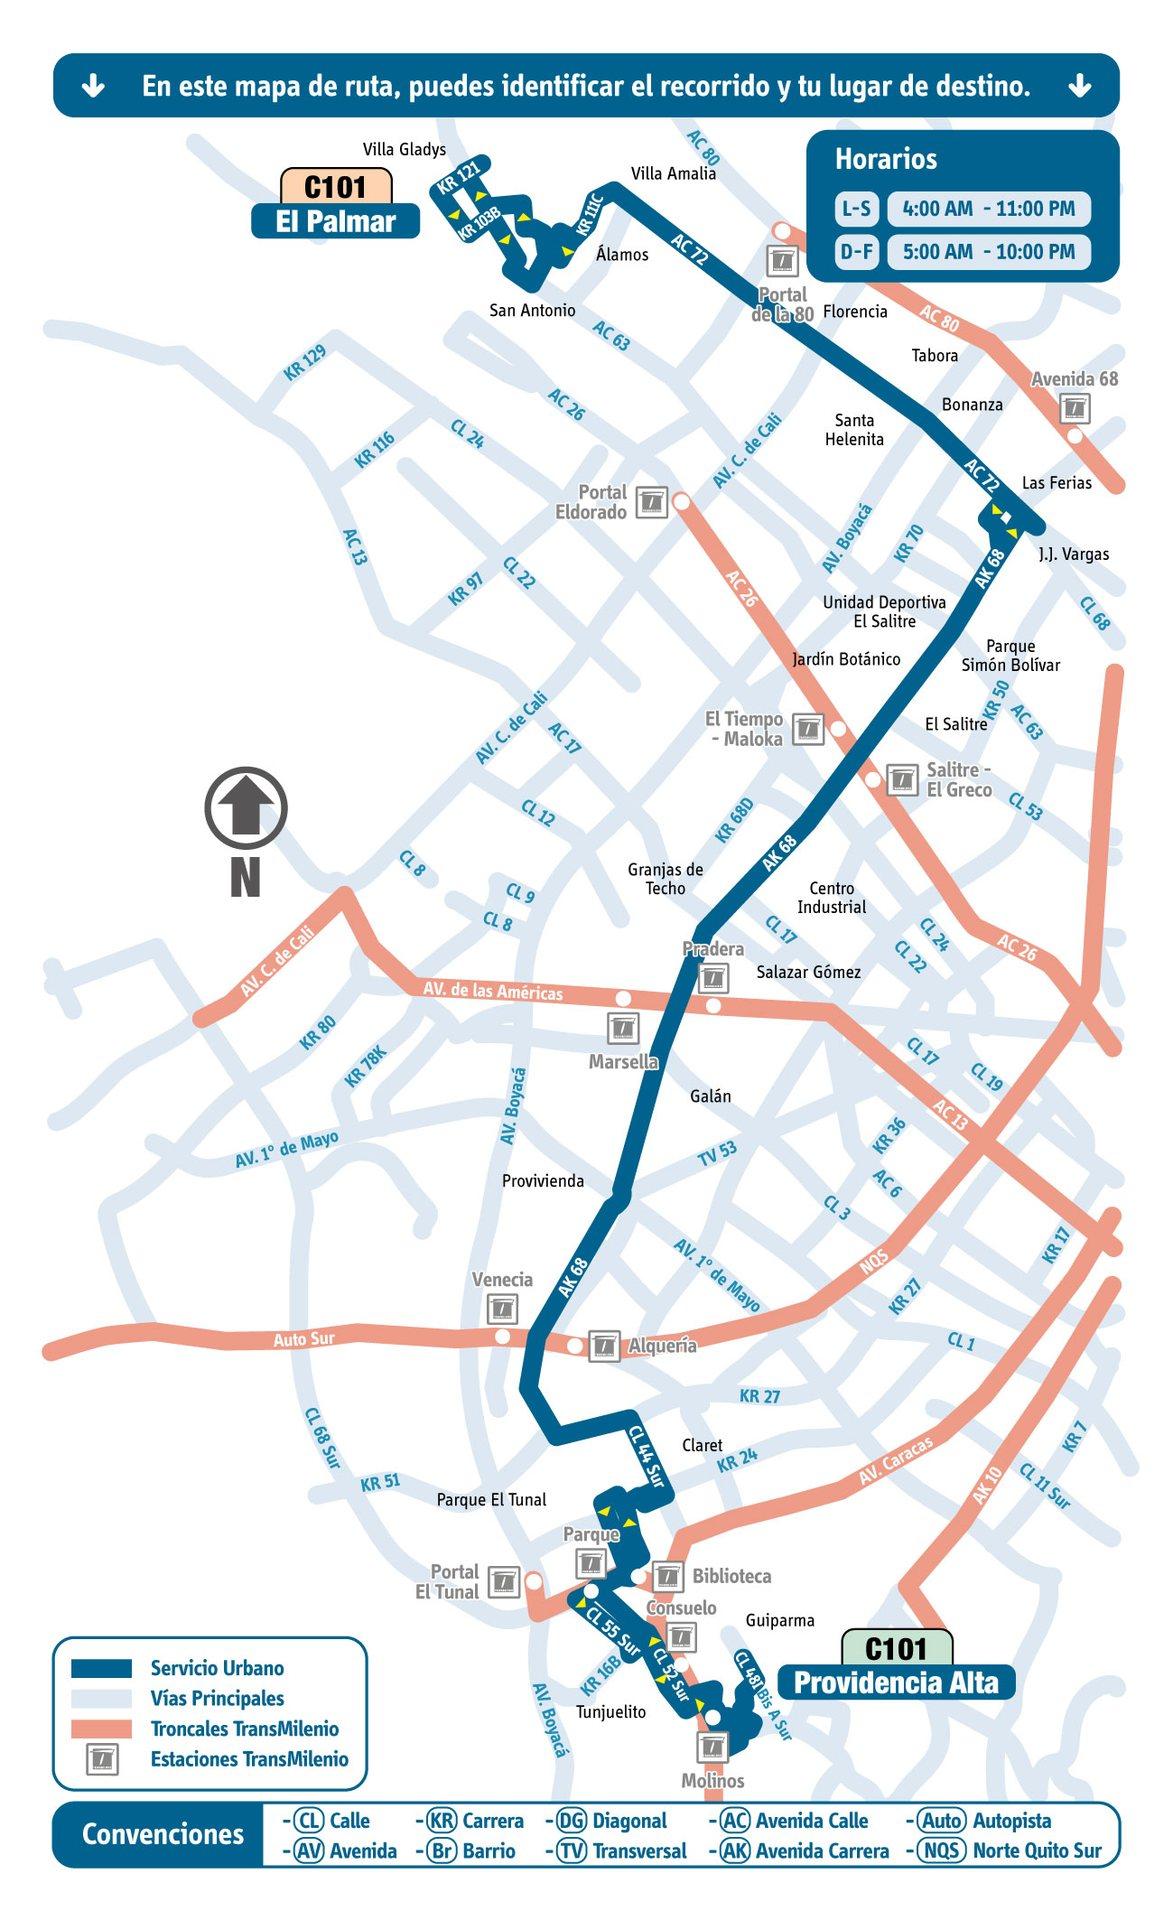 Ruta SITP: C101 Providencia Alta ↔ El Palmar [Urbana] 2